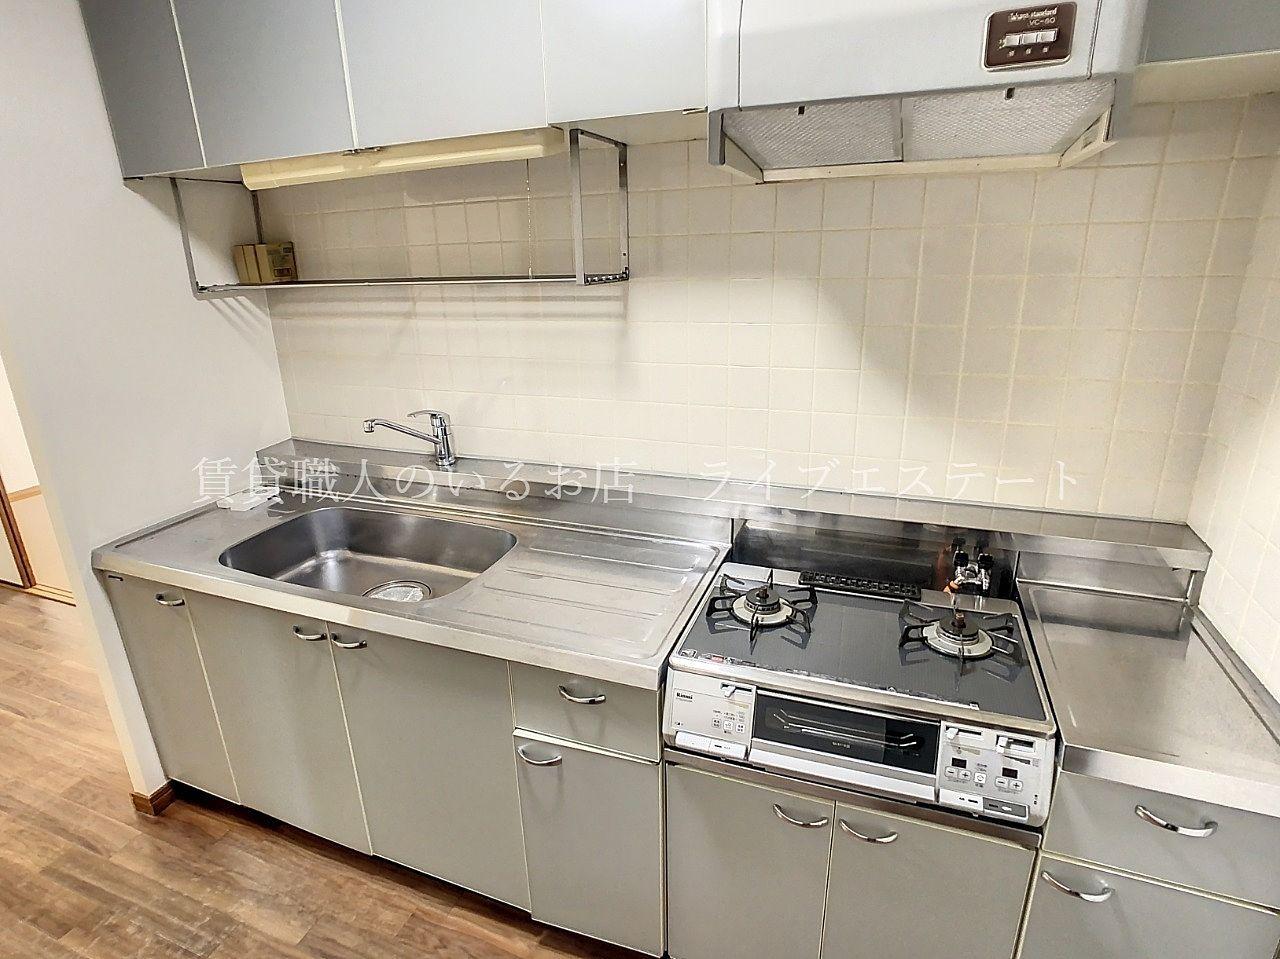 横幅の広いキッチンで、水切りカゴを置くスペースもあり、作業がはかどります